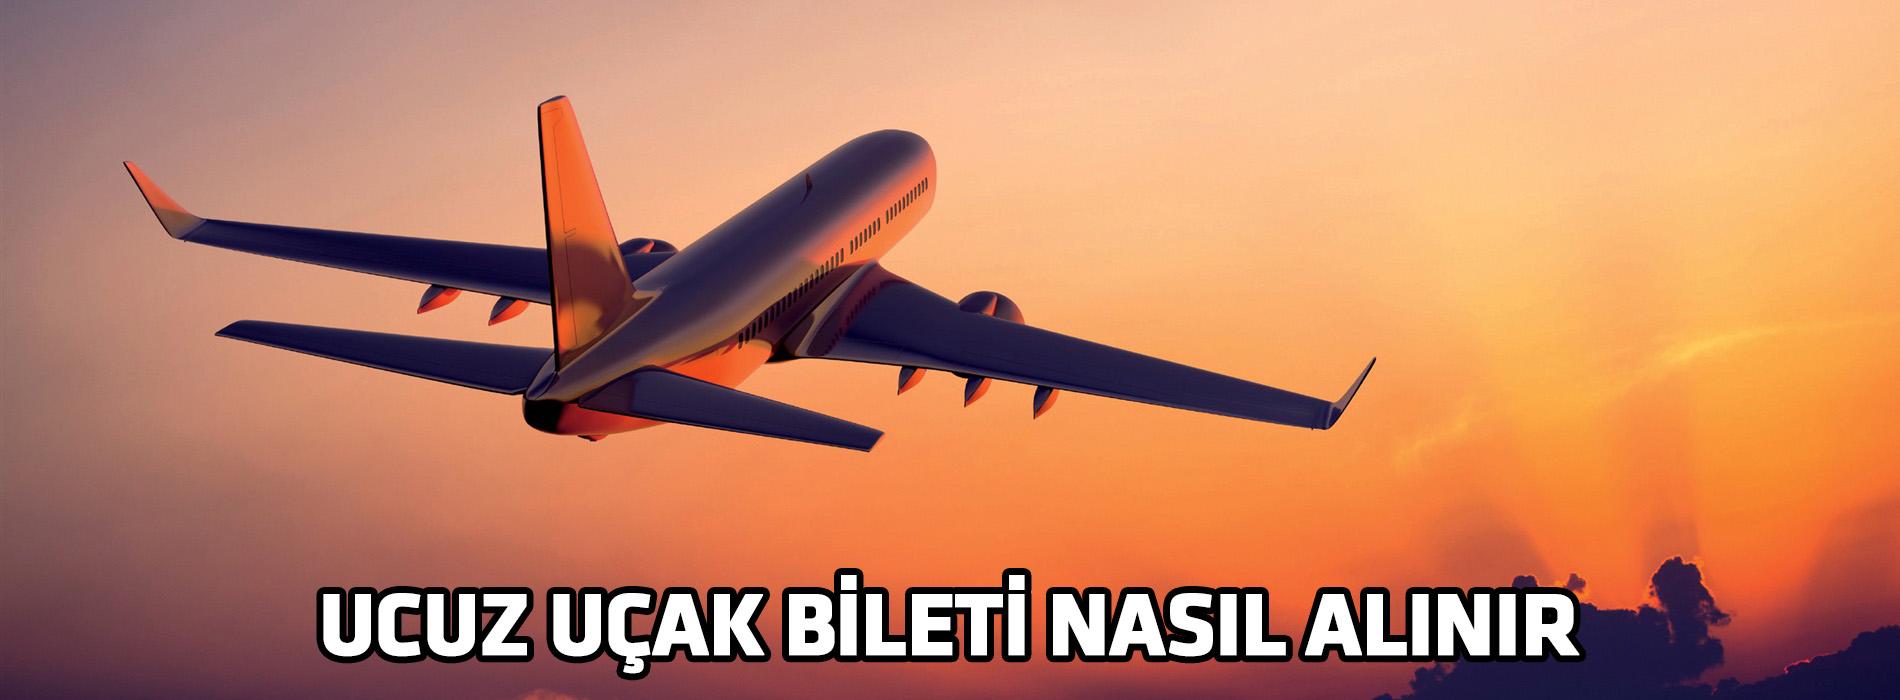 1bba9a63d131c Ucuz Uçak Bileti Nasıl Alınır? – Interrail Turkiye